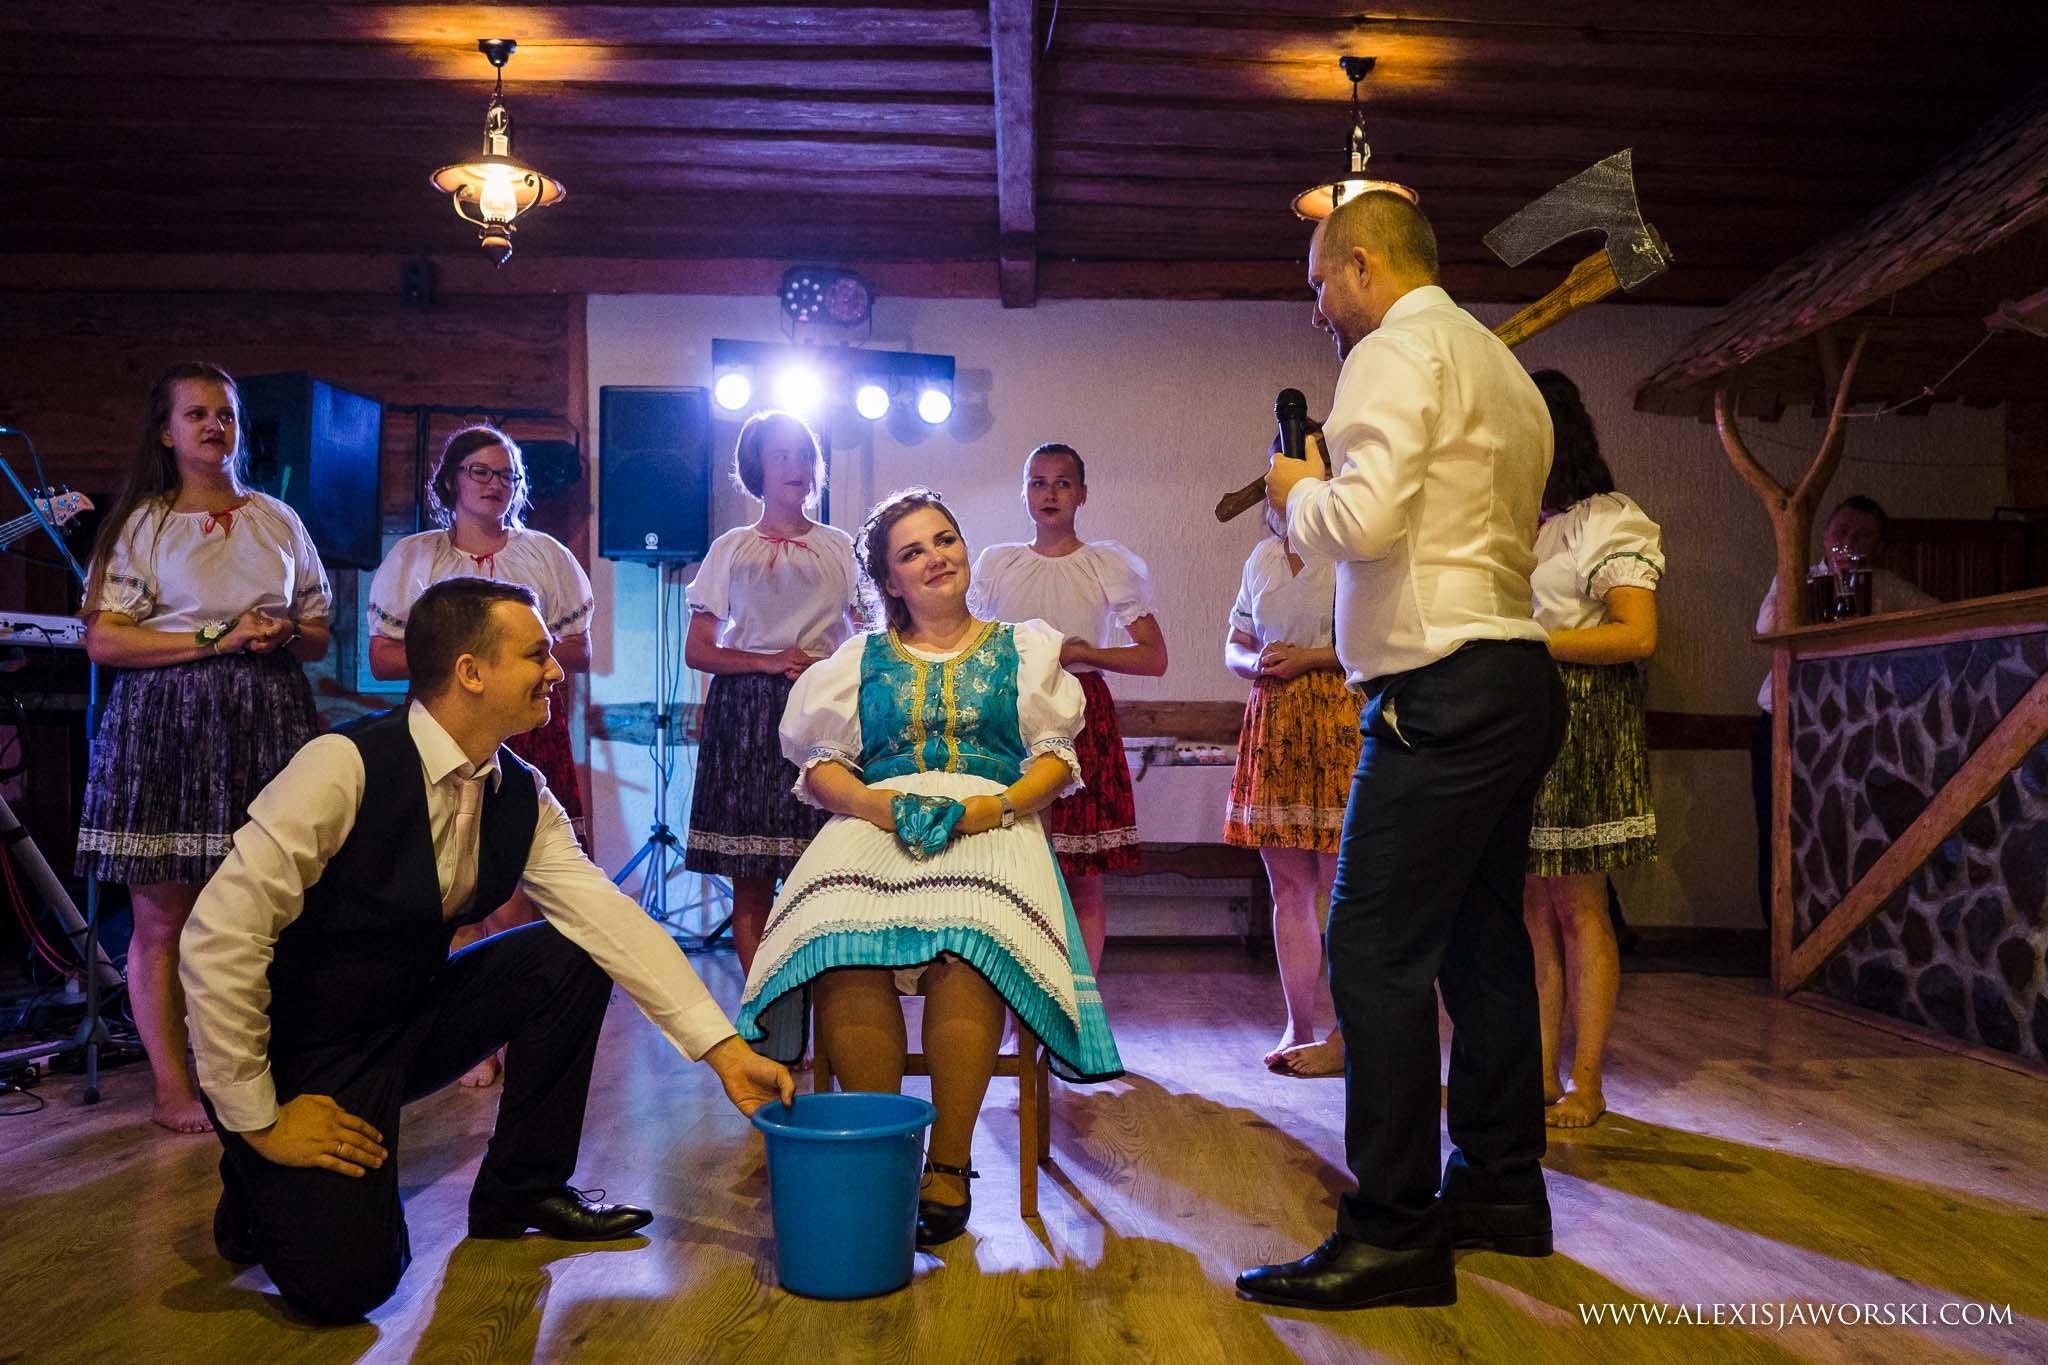 wedding tradition at midnight